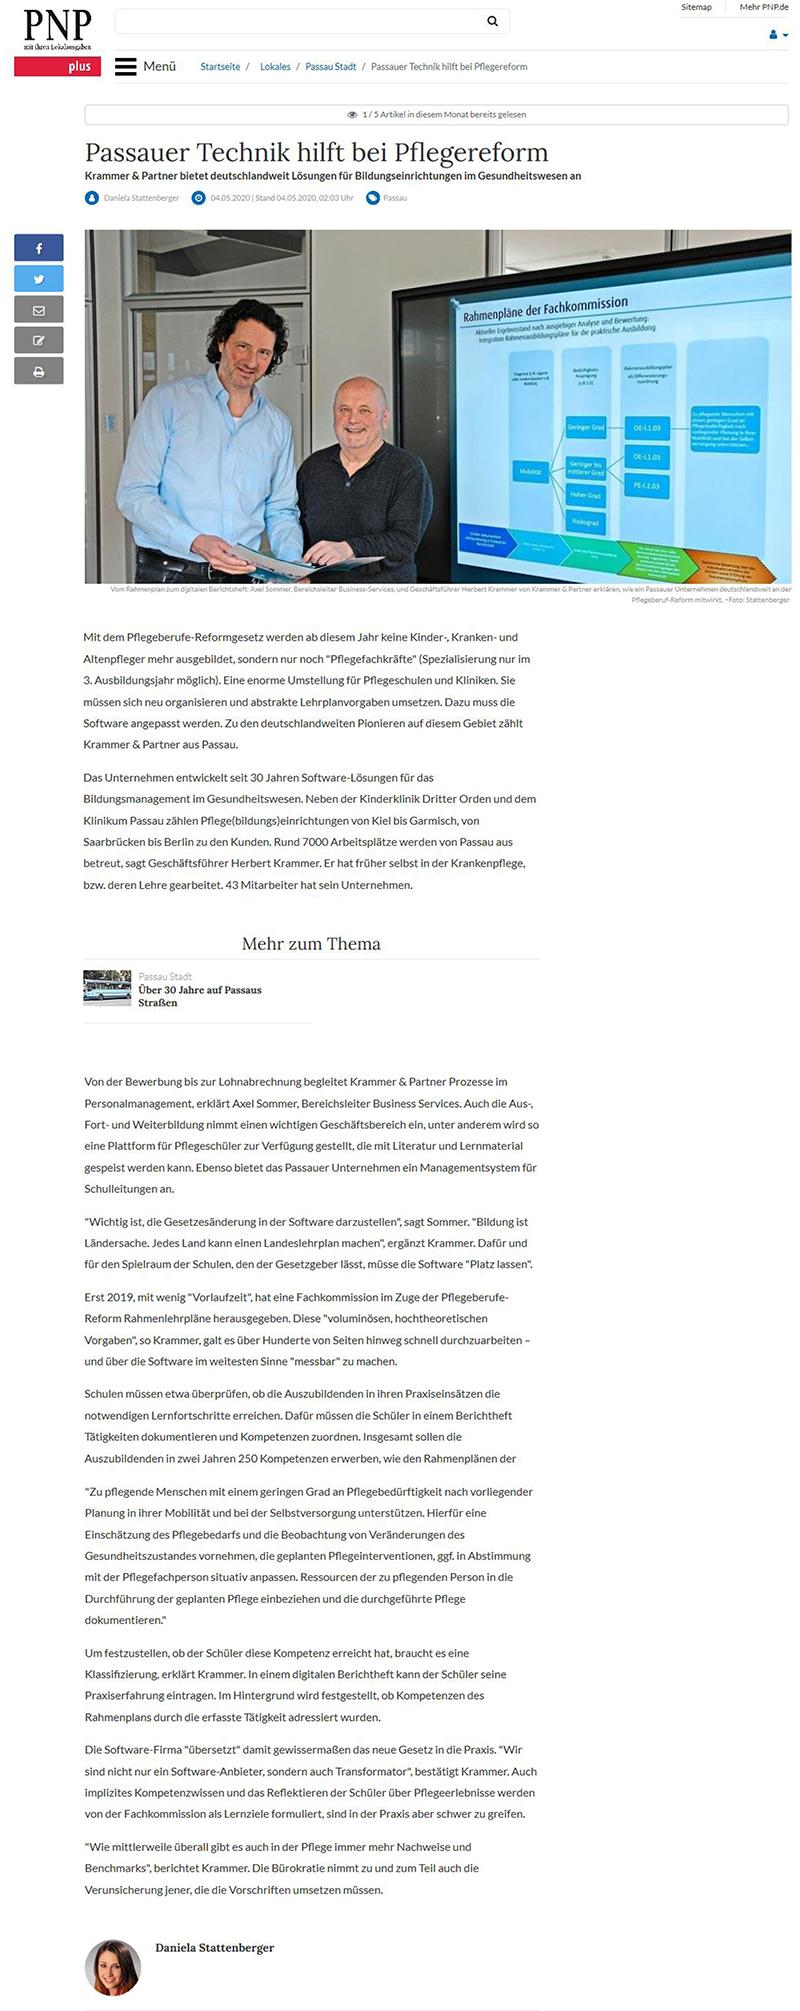 Passauer Neue Presse, Passauer Technik hilft bei Pflegereform